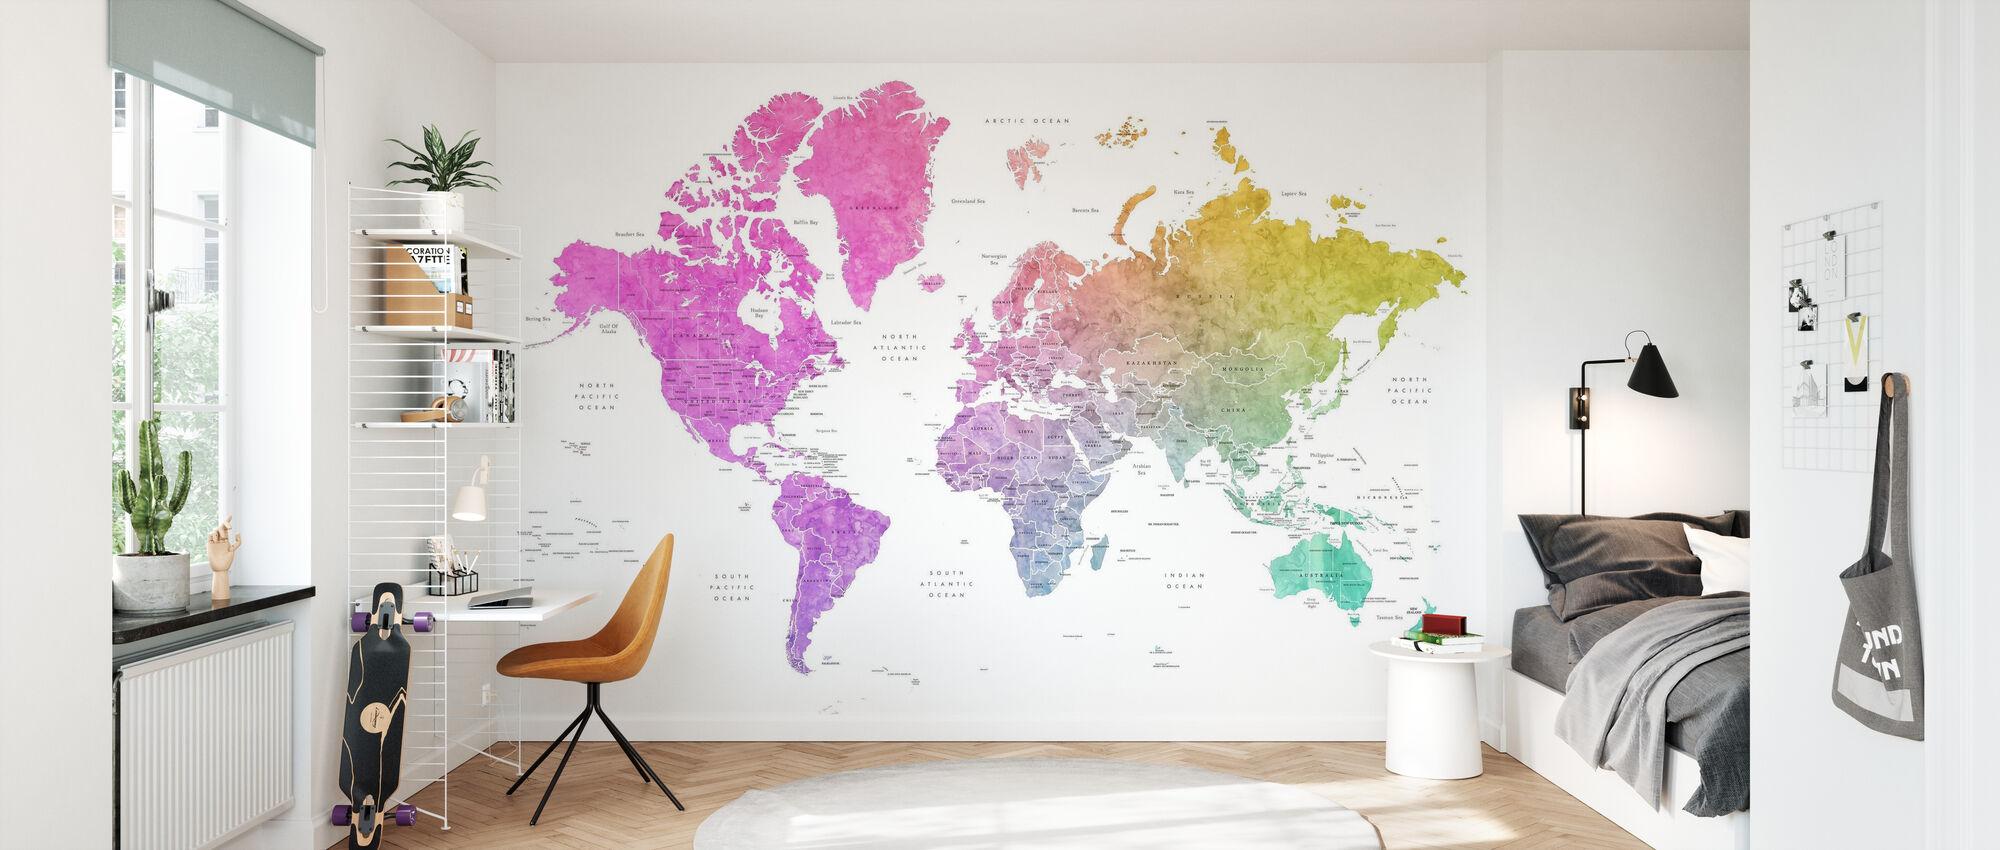 Weltkarte mit Ländern - Tapete - Kinderzimmer